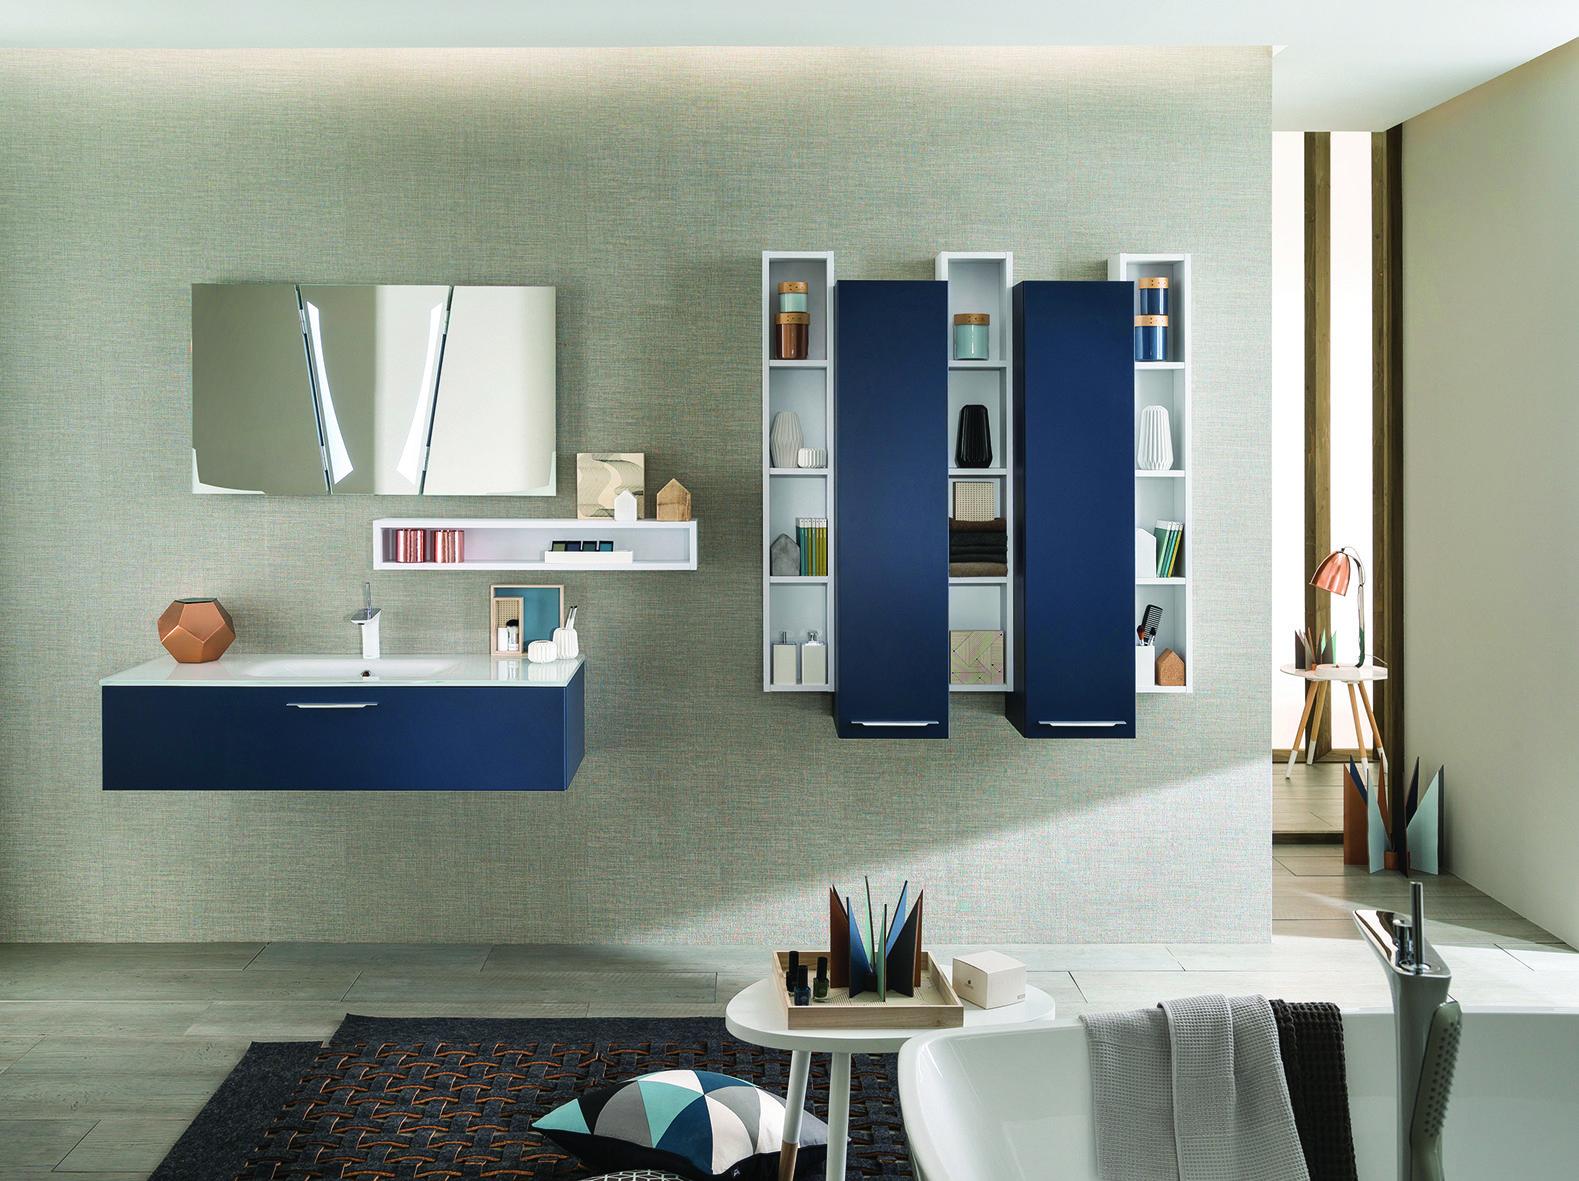 je badkamer inrichten kleuradvies voor een originele look